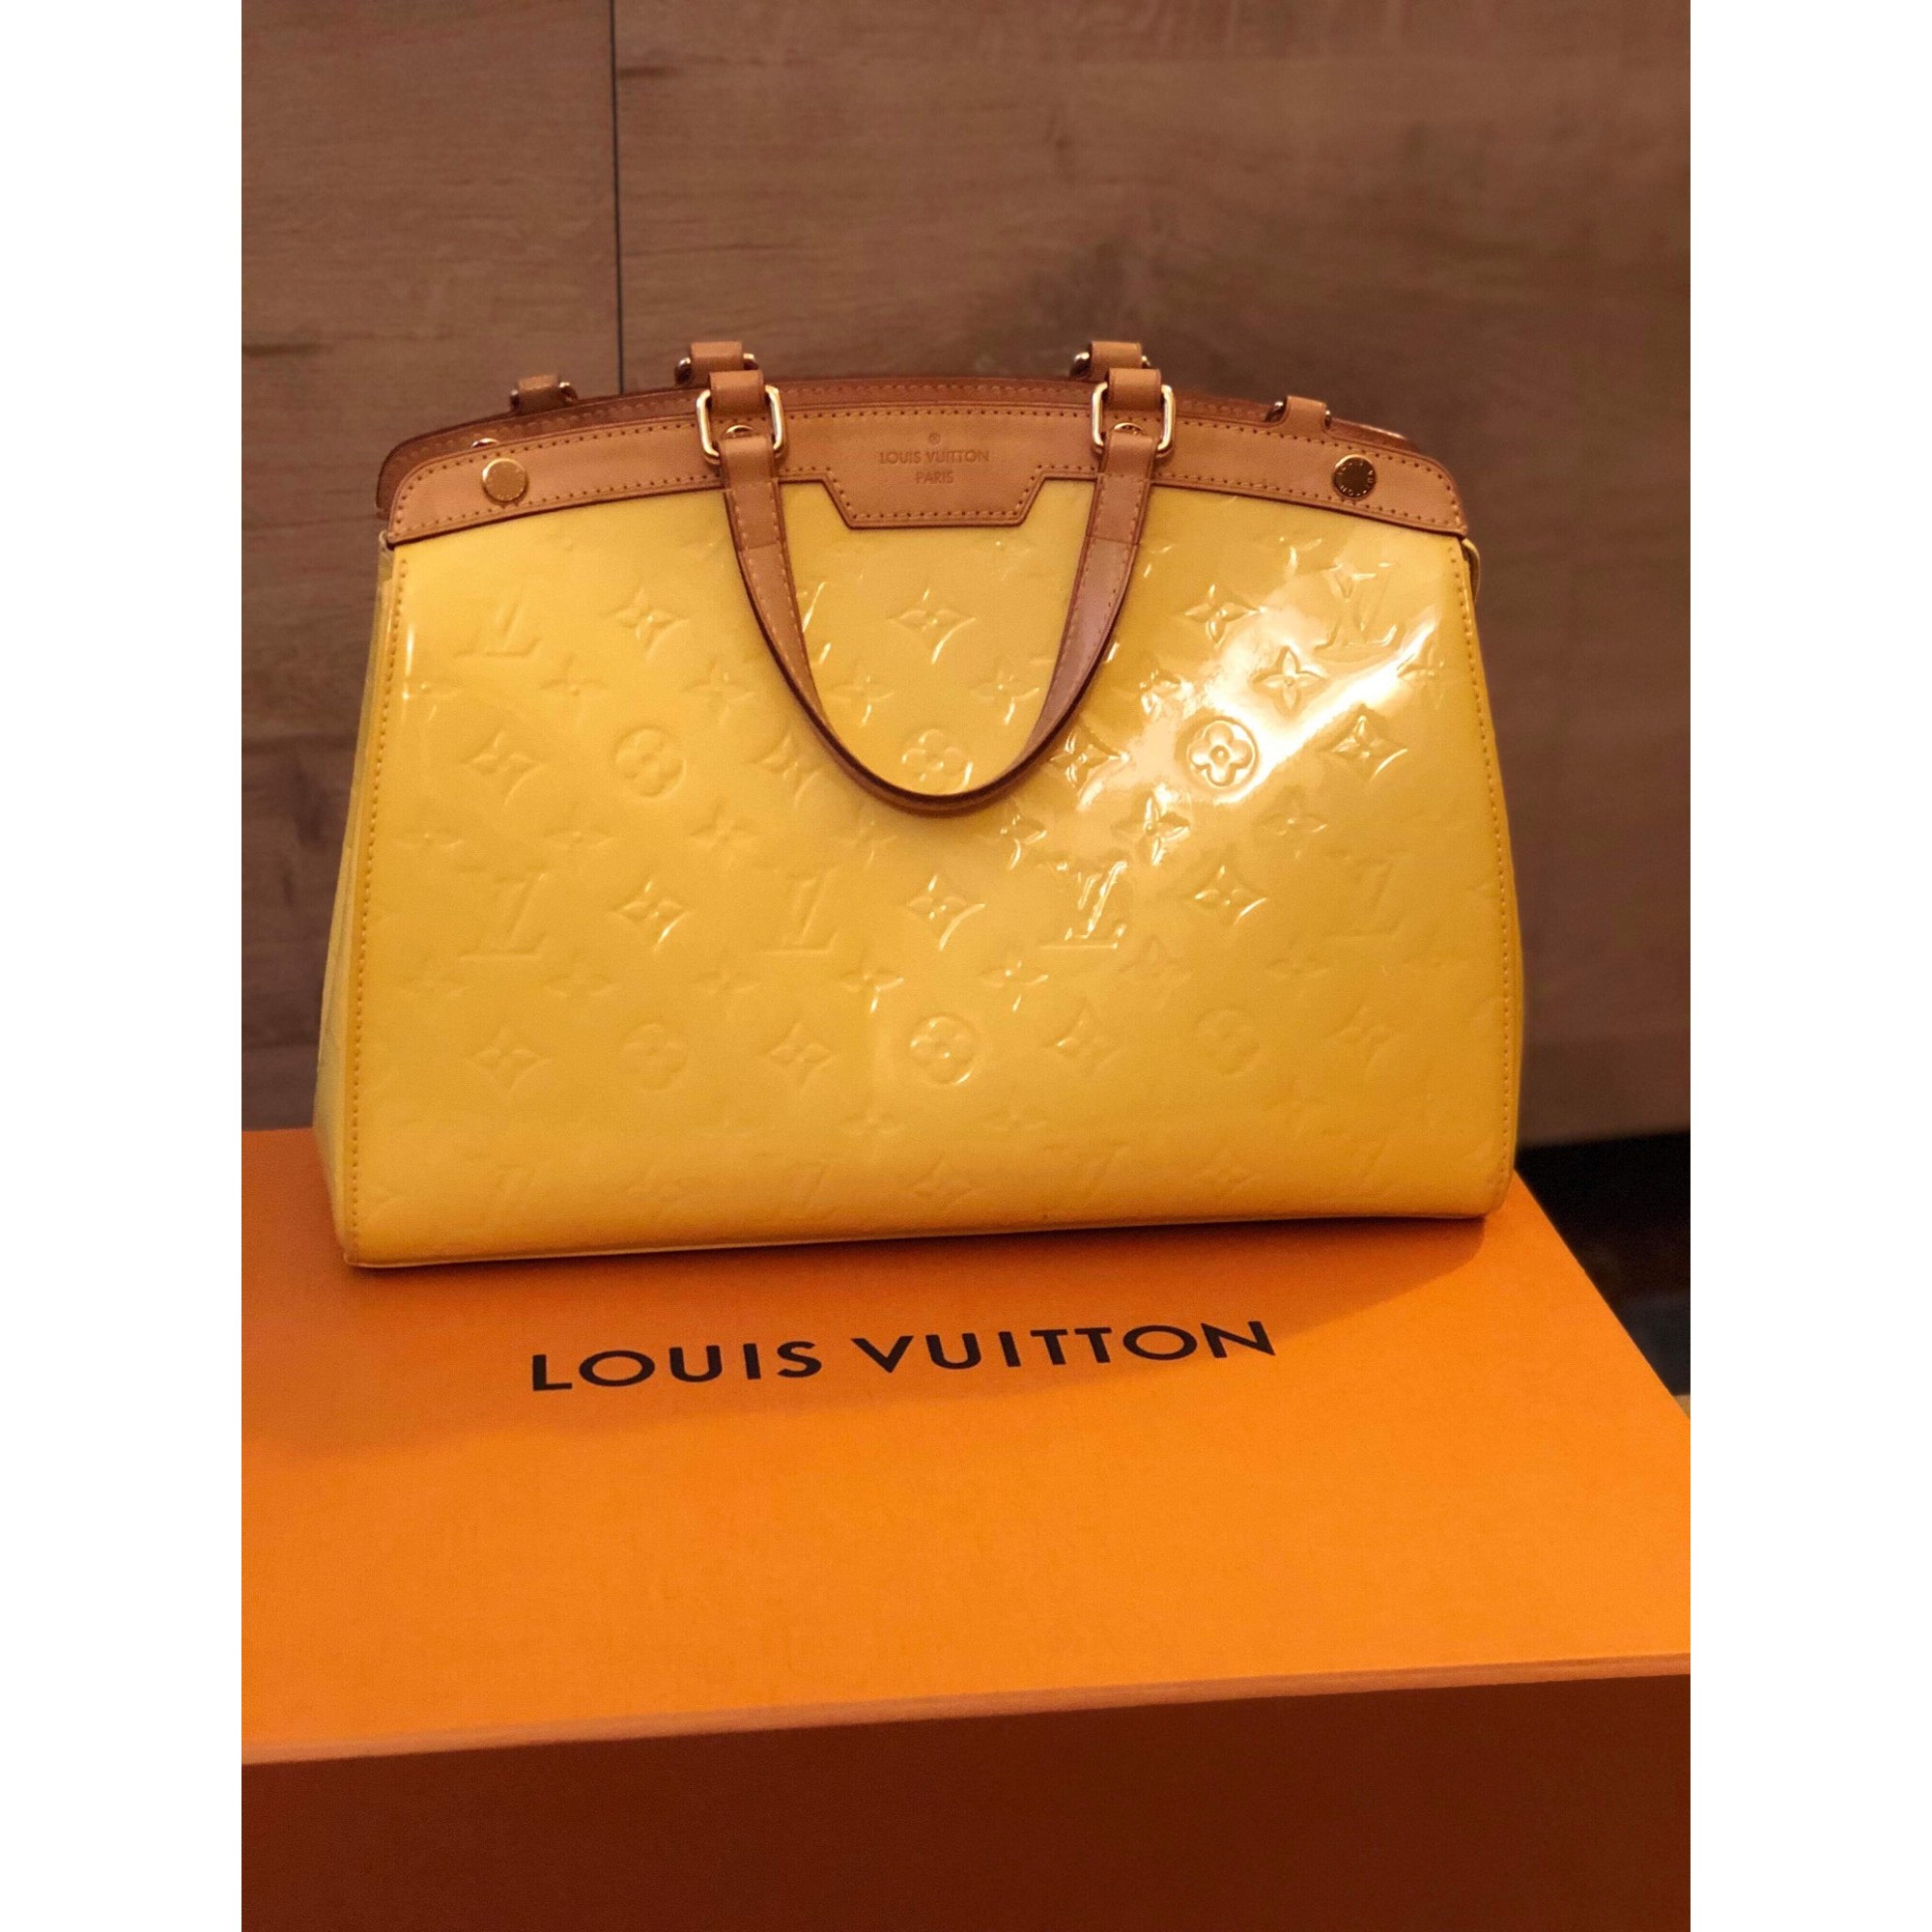 Sac en bandoulière en cuir LOUIS VUITTON jaune - 8598515 c401dc23bbc